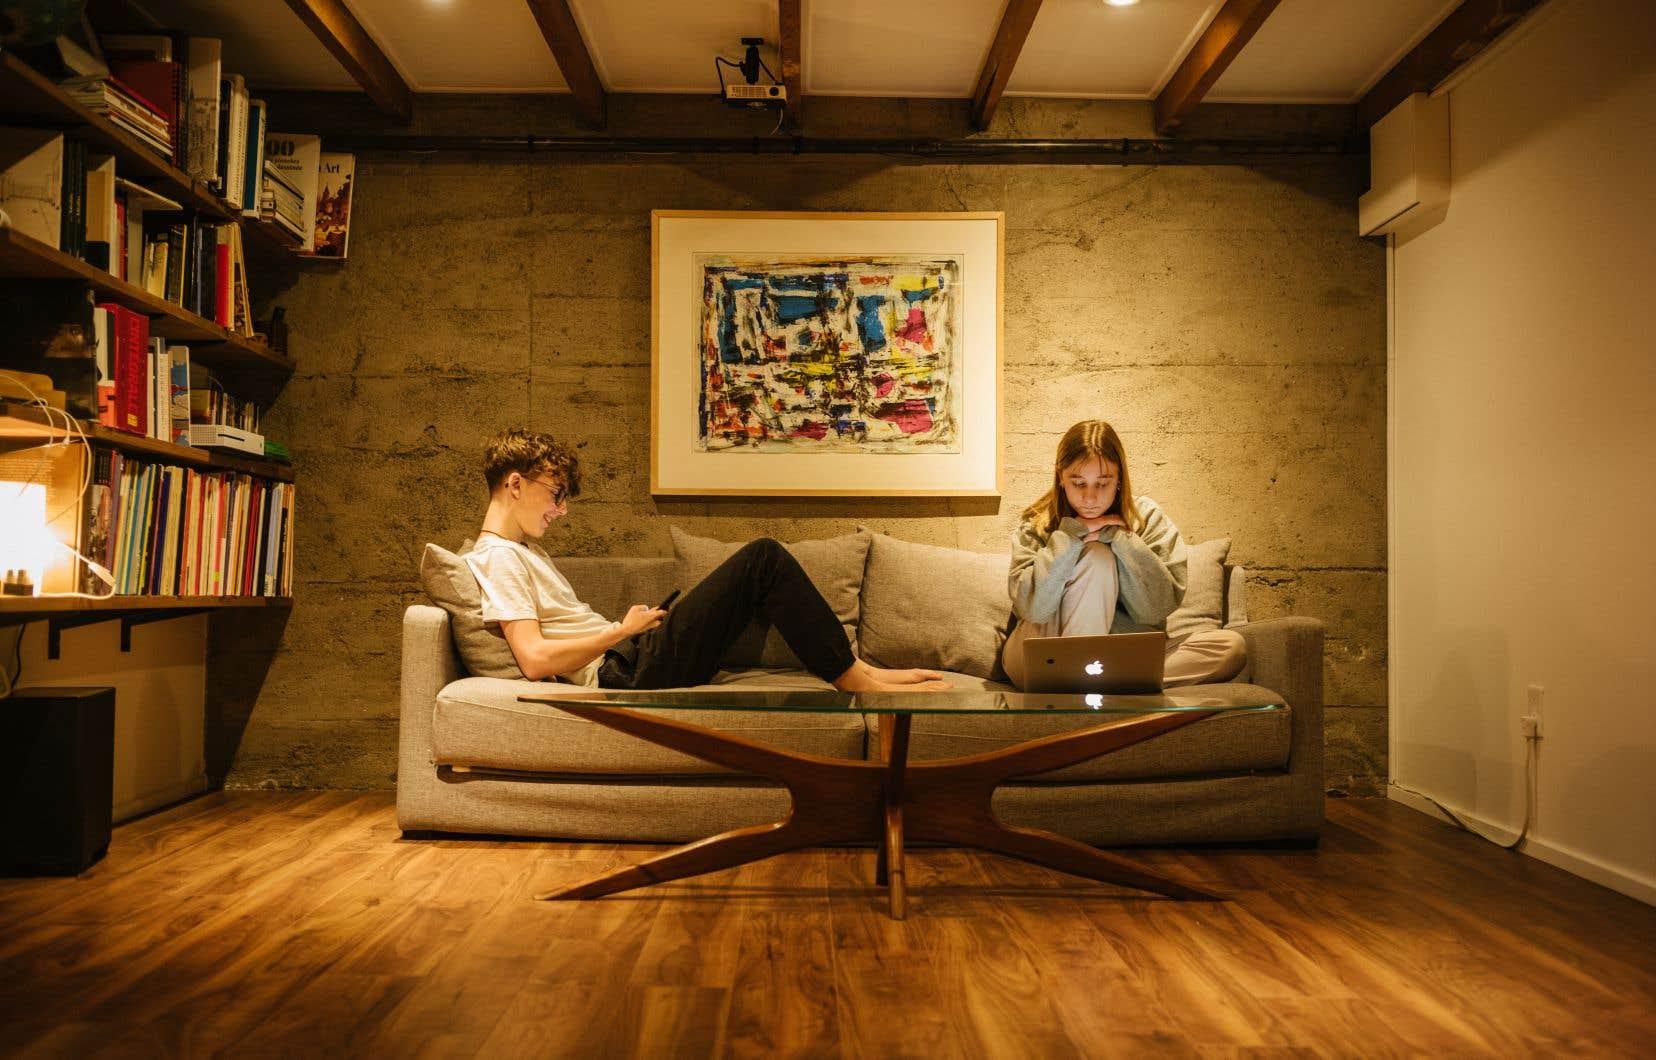 L'anglais se taille une place grandissante parmi les jeunes internautes et influenceurs québécois. Pour la jeune Alice Hayaud, une francophone de 19 ans, les contenus consommés sur les réseaux sociaux jouent un rôle important dans sa façon de s'exprimer. On la voit ici devant son écran, en compagnie de son frère Thomas.